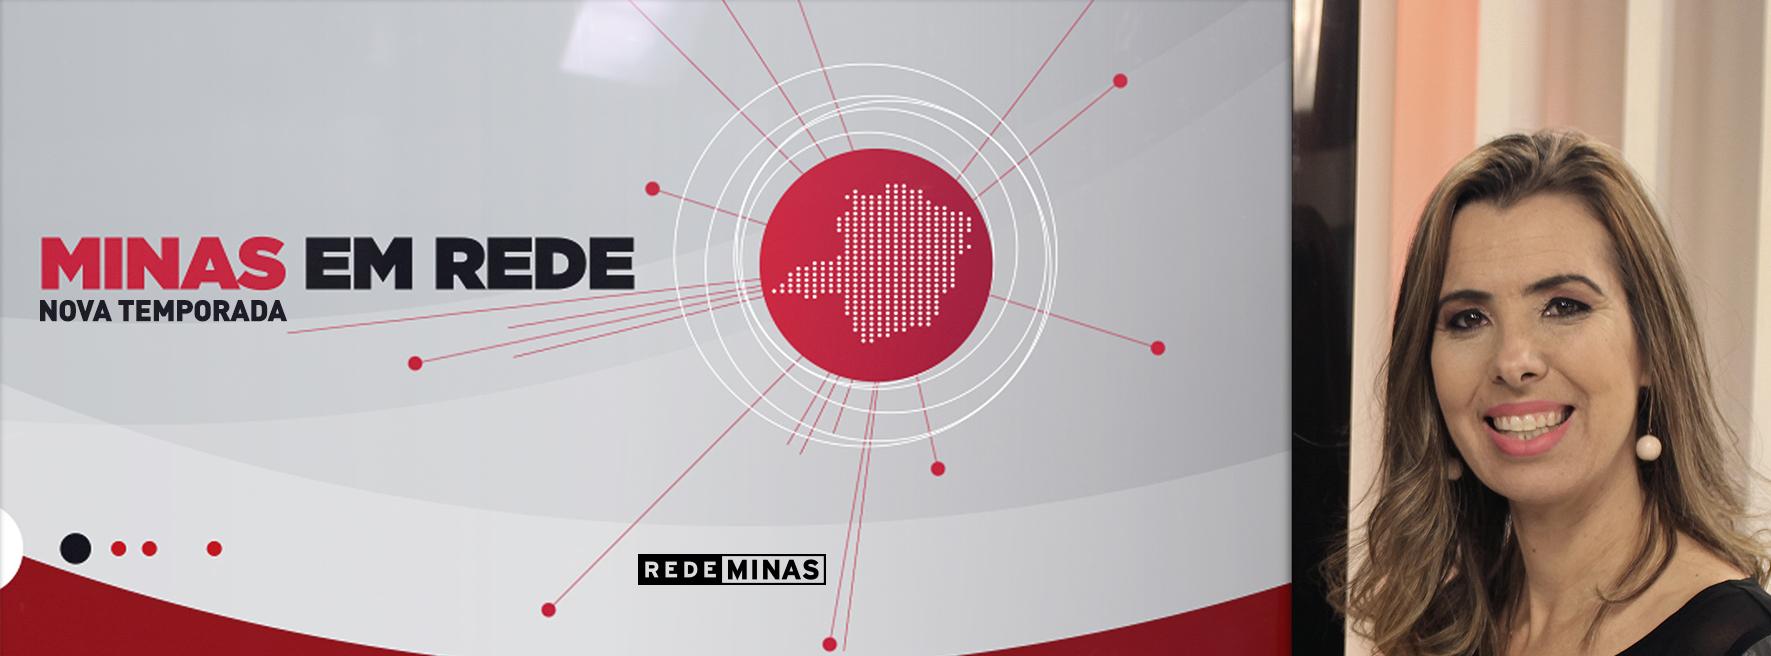 destaqueAgenda2017